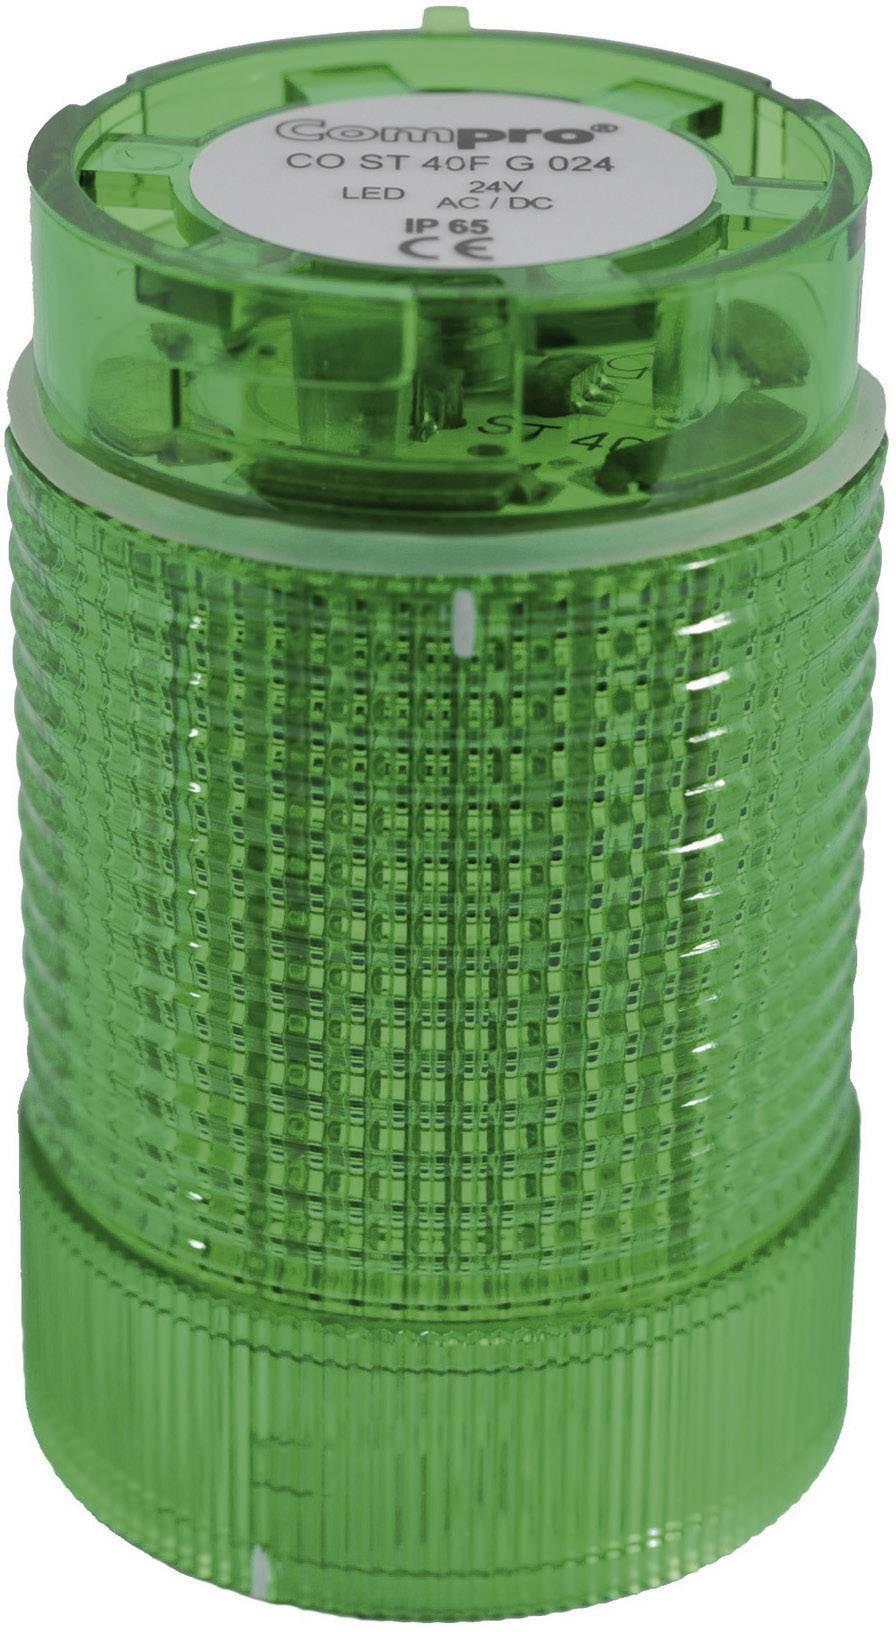 Součást signalizačního sloupku LED ComPro CO ST 40, zelená, trvalé světlo, zábleskové světlo, výstražný maják, 24 V/DC, 24 V/AC, 75 dB